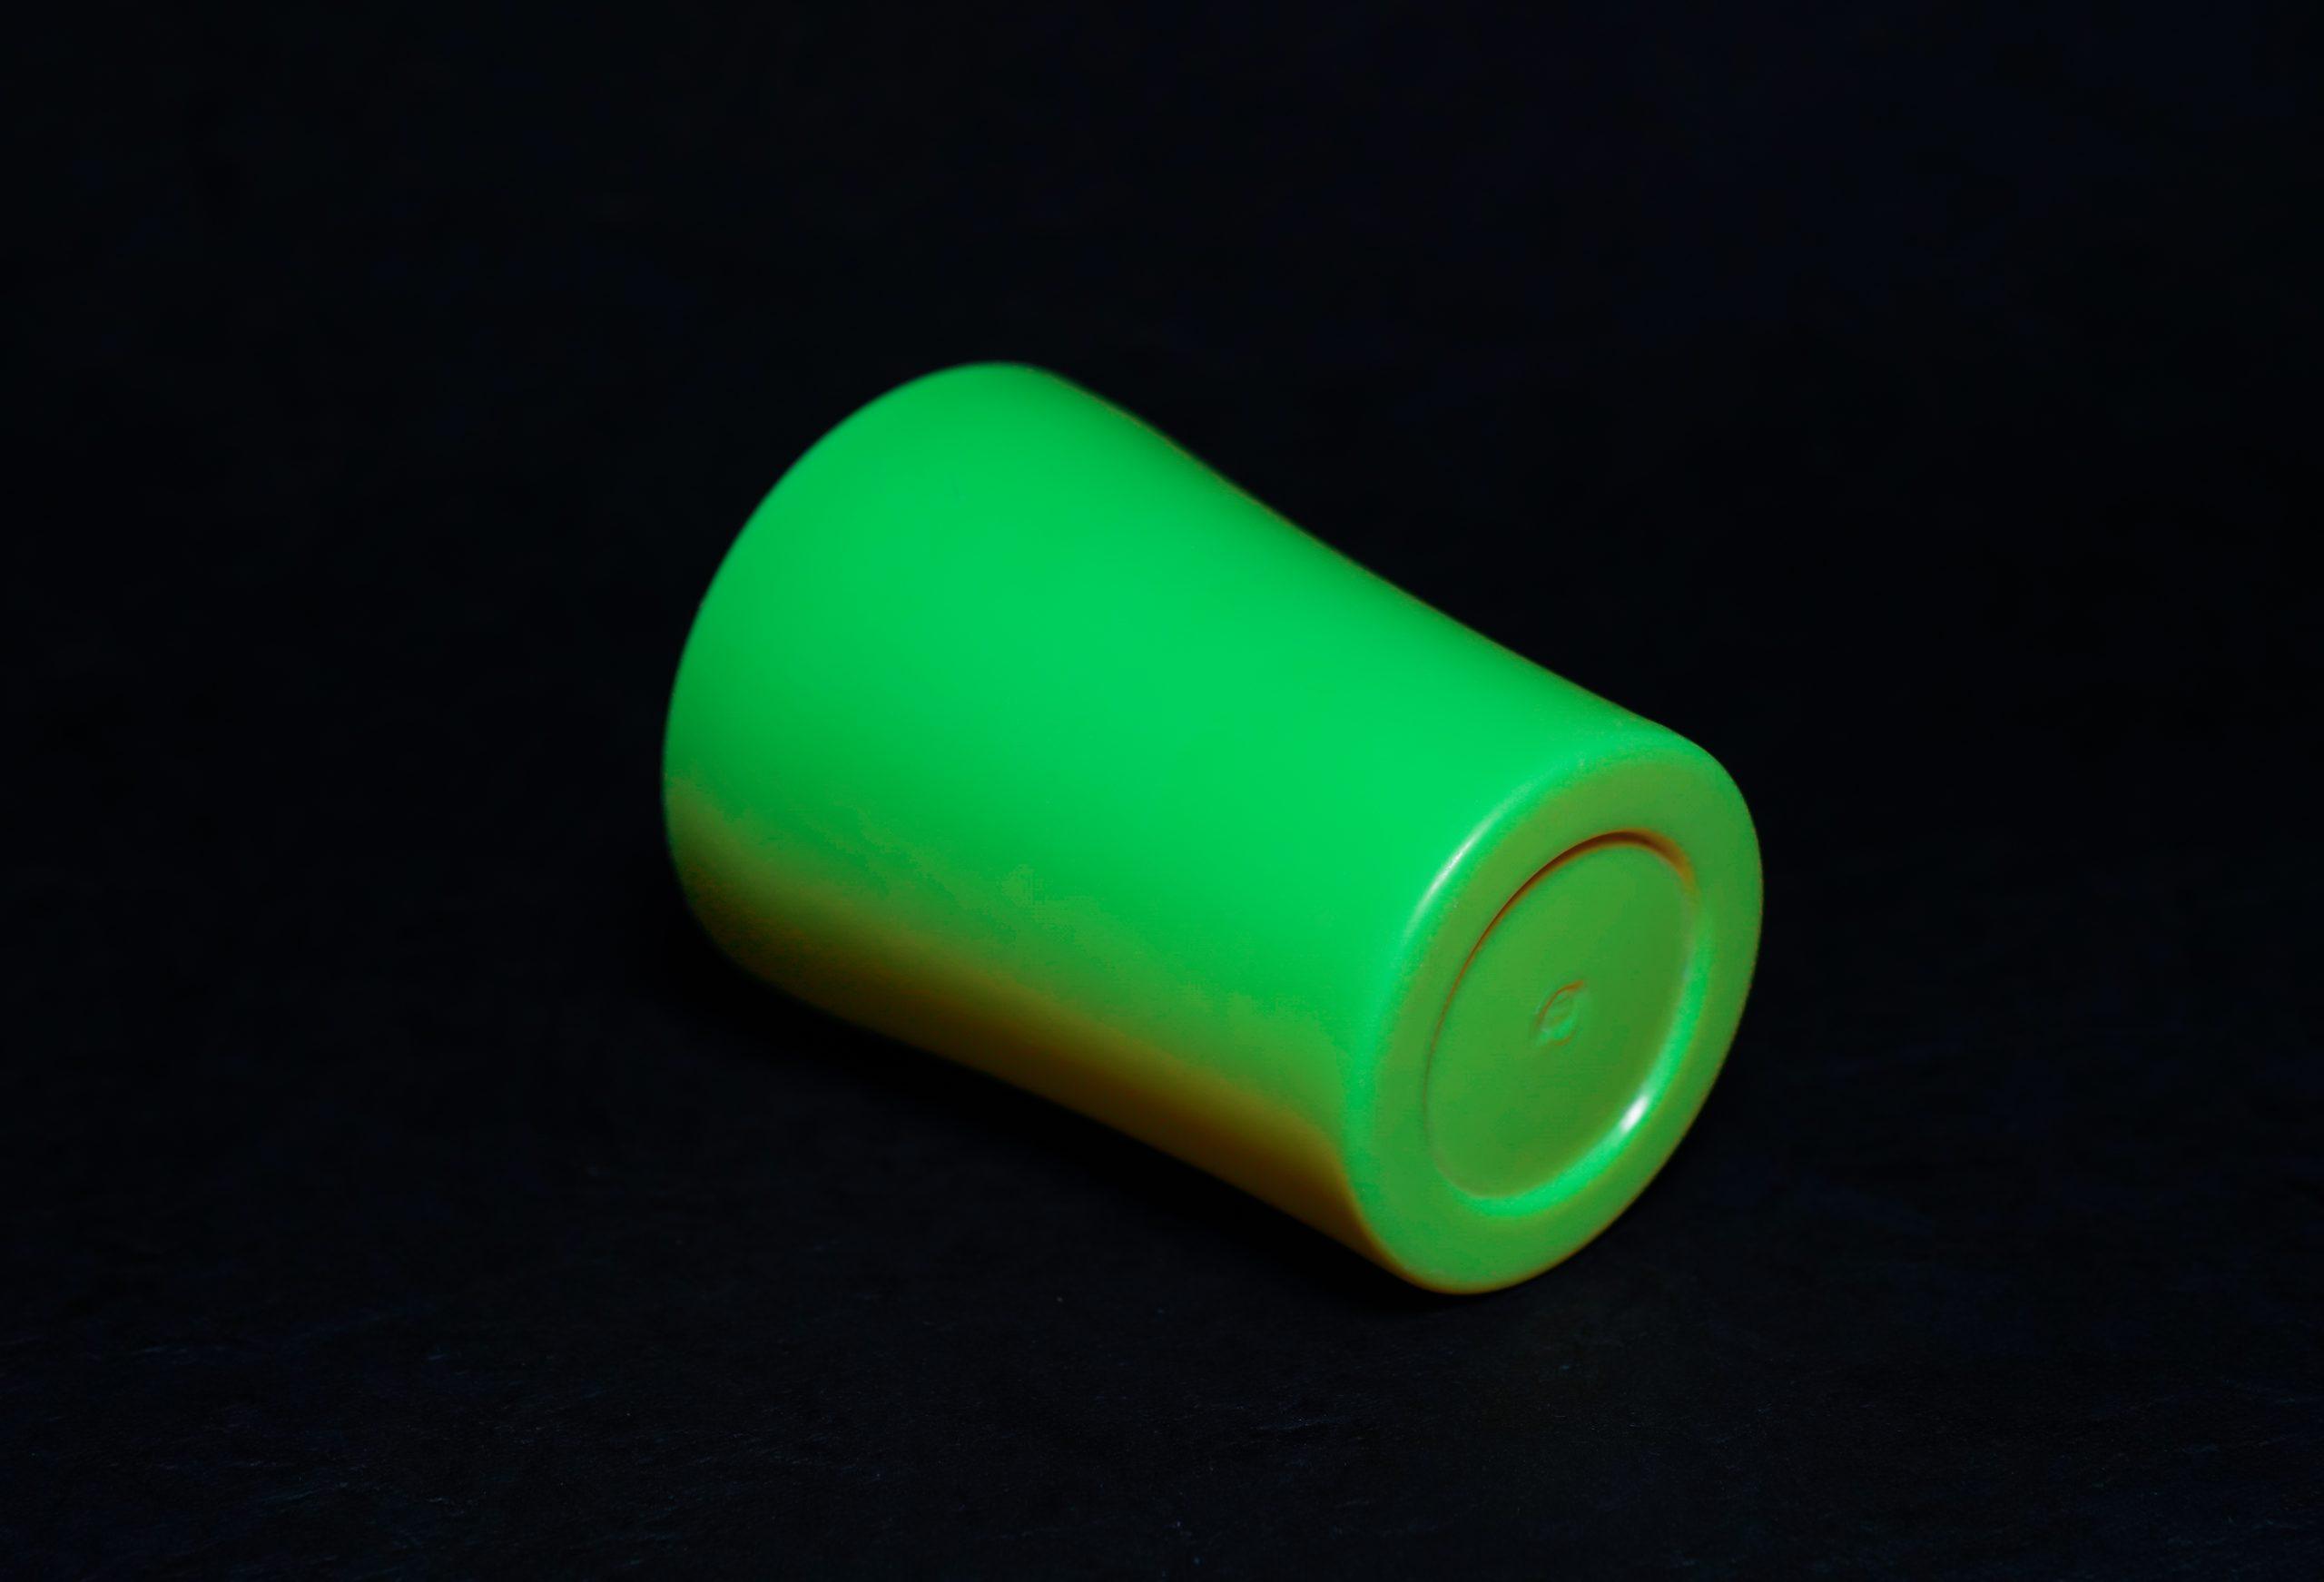 A green plastic tumbler